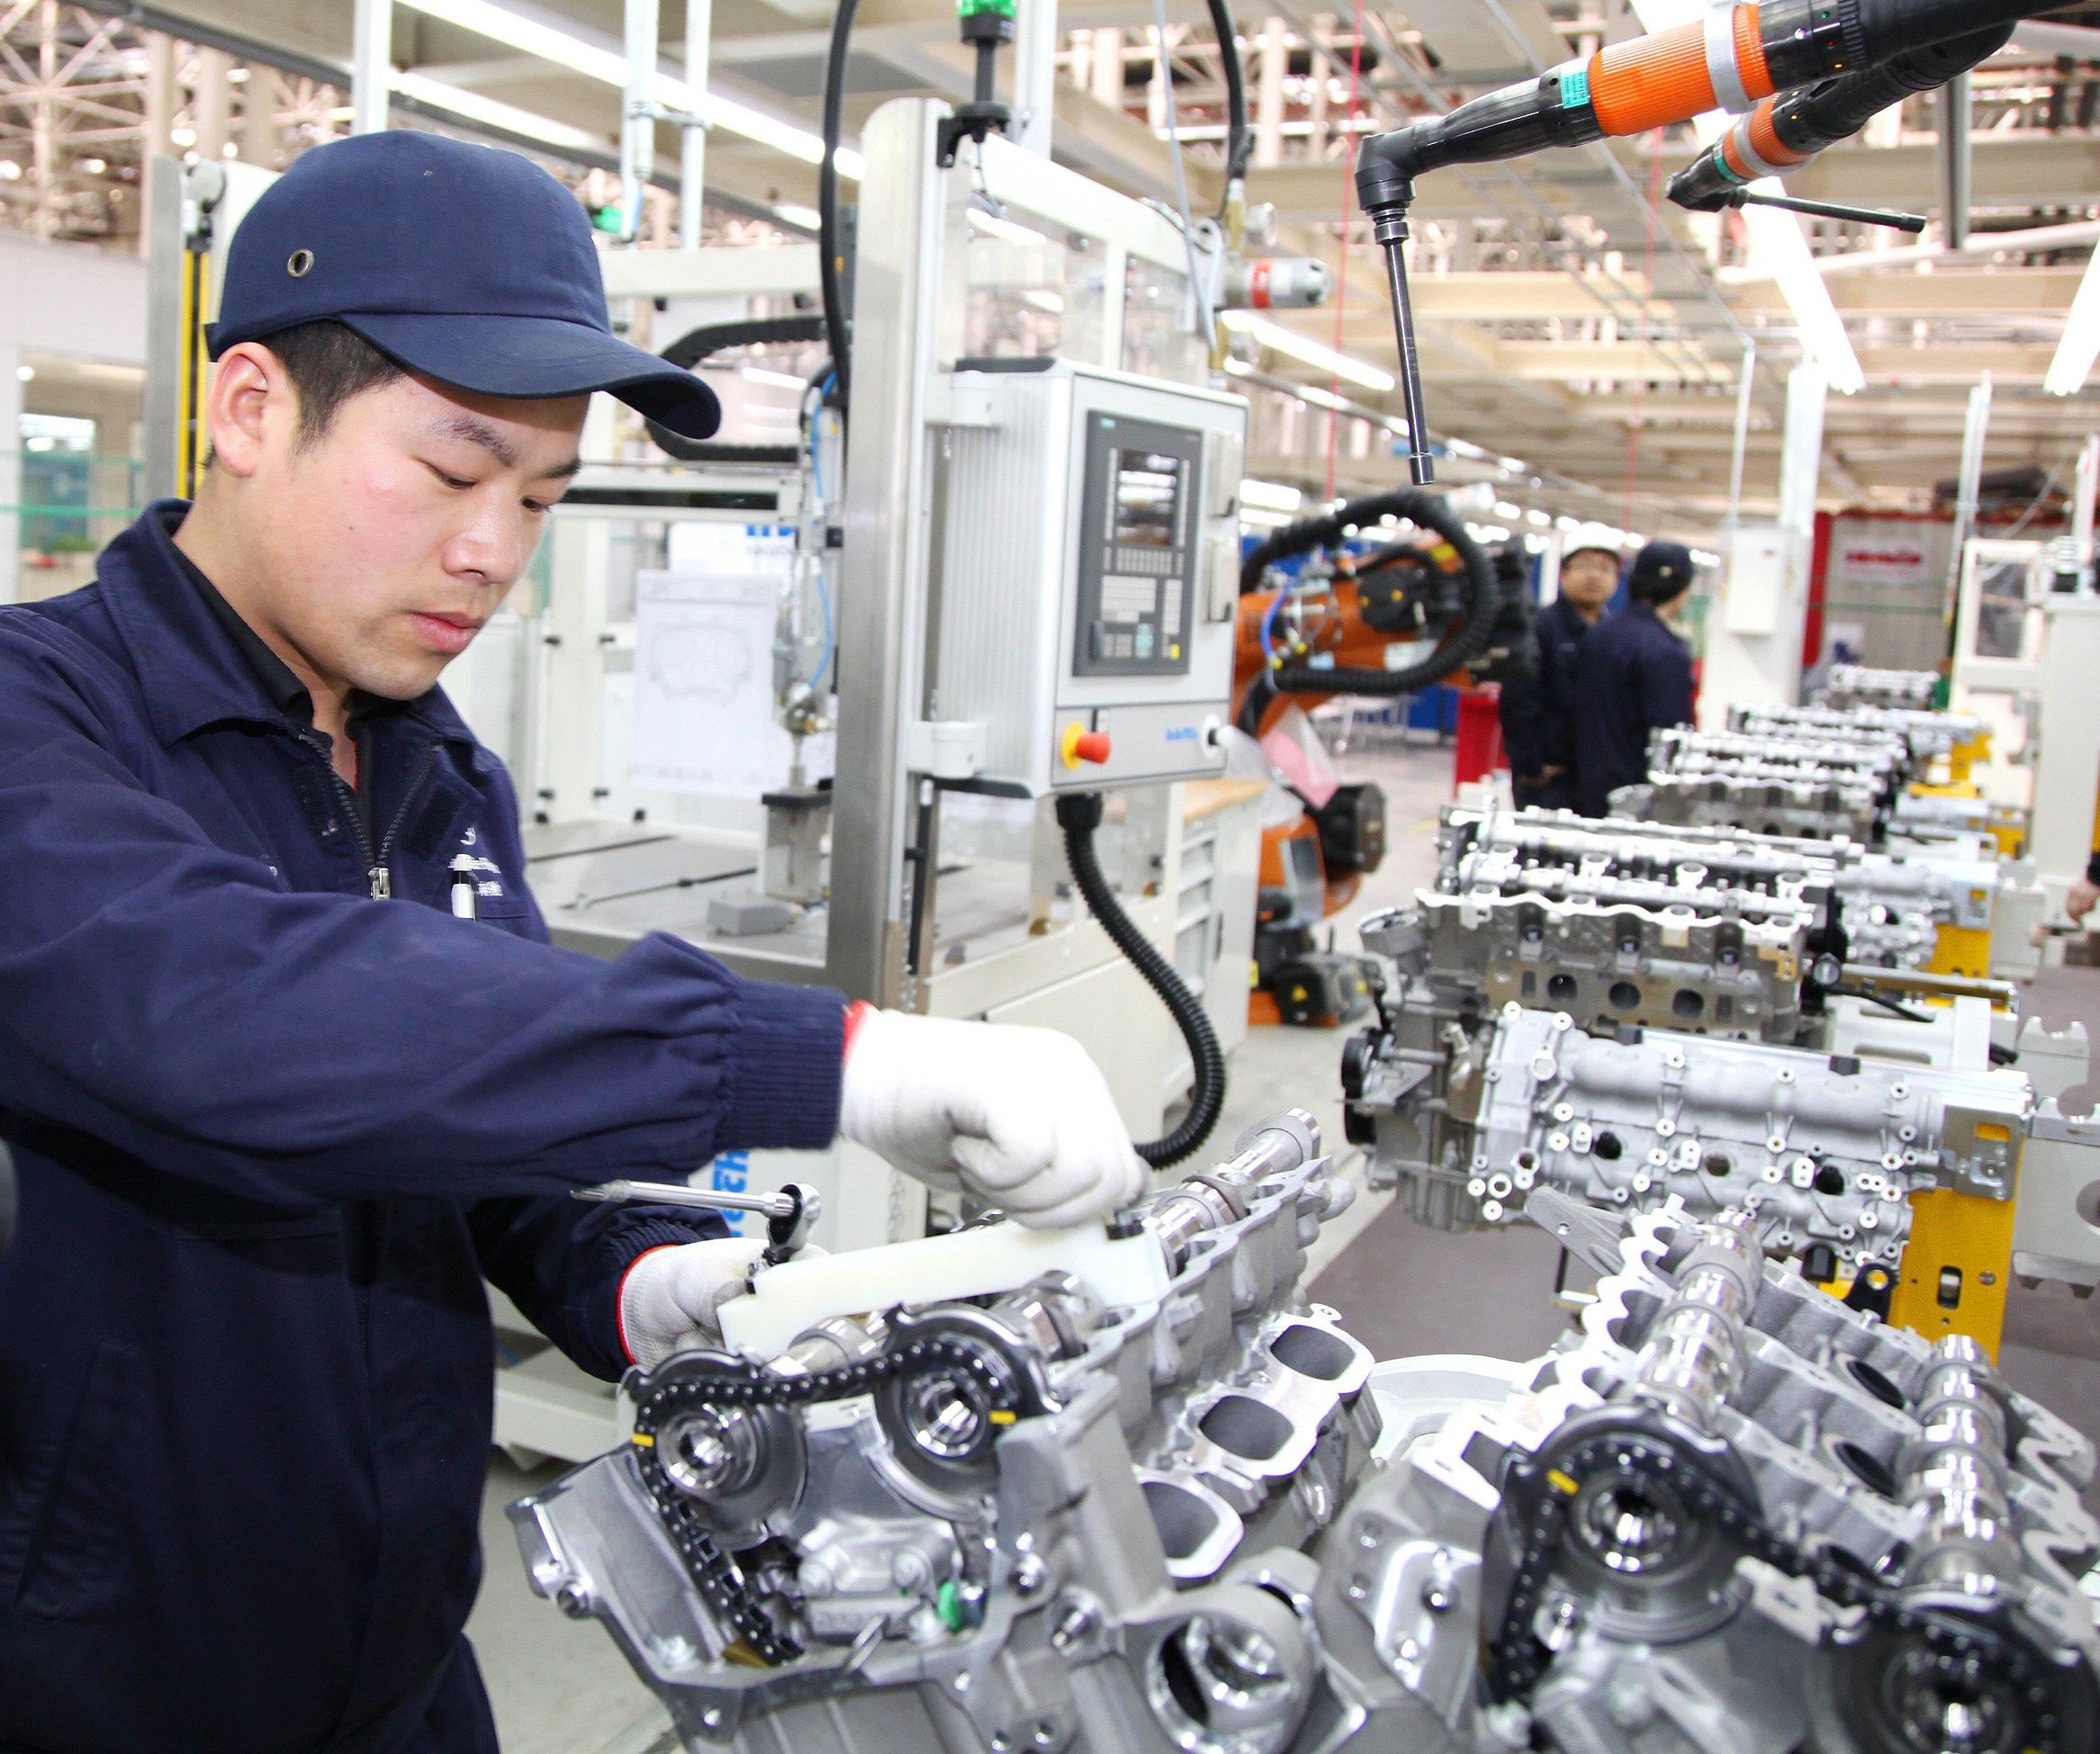 Das neue BBAC-Motorenwerk in Peking hat 400 Millionen Euro gekostet und ist technisch auf dem neuesten Stand. Hier sollen zukünftig 200 000 Motoren pro Jahr produziert werden – hauptsächlich für die Mercedes E-, C- und GLK-Klasse.